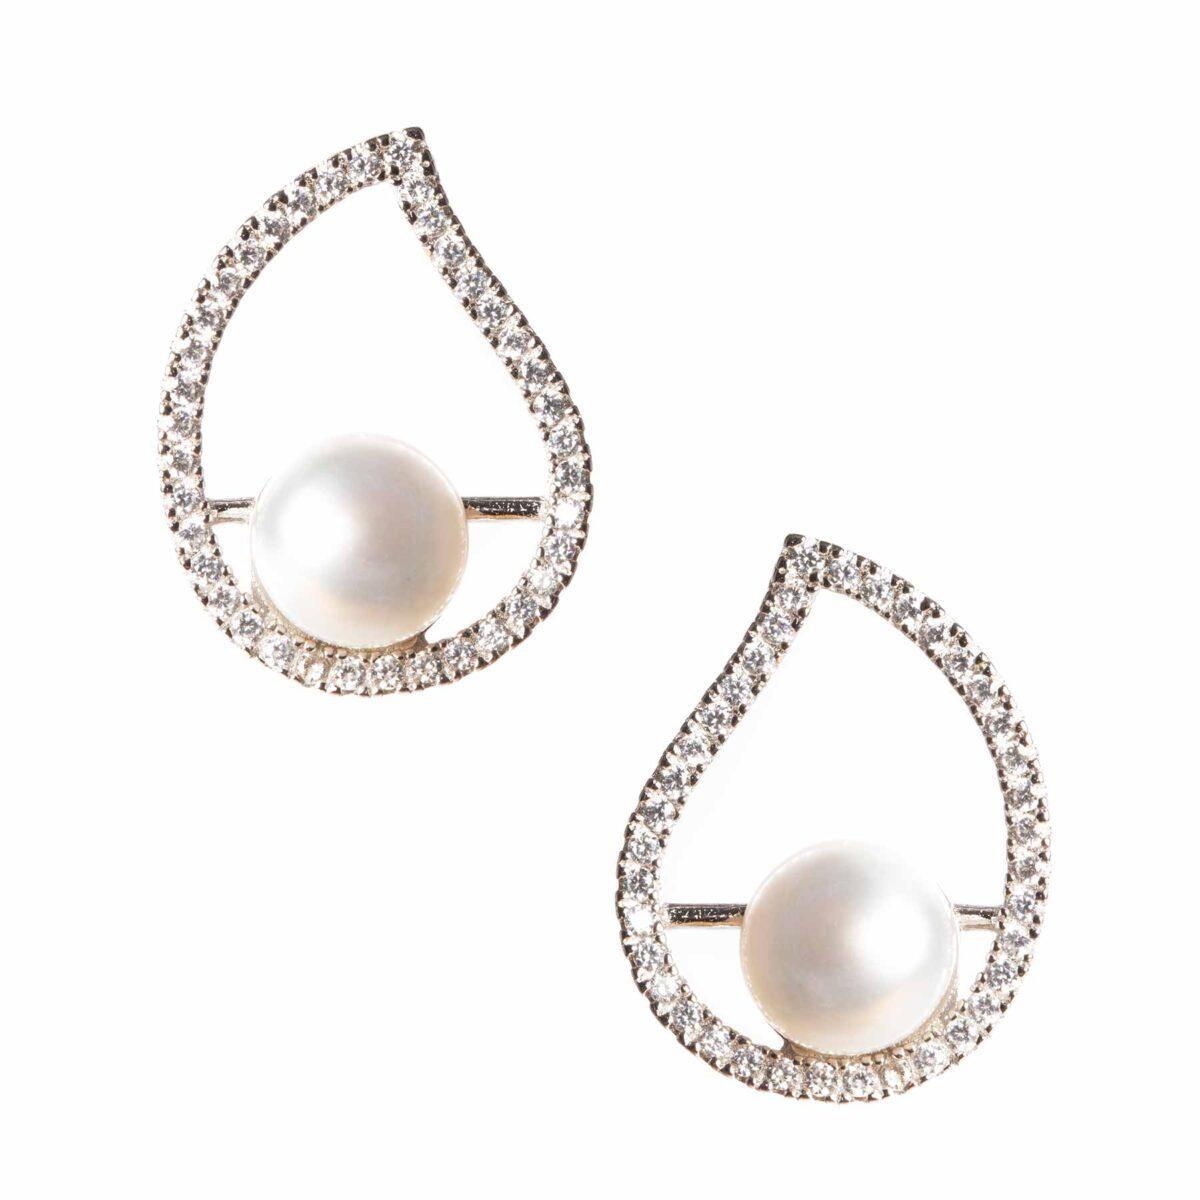 orecchini nature in argento e perla